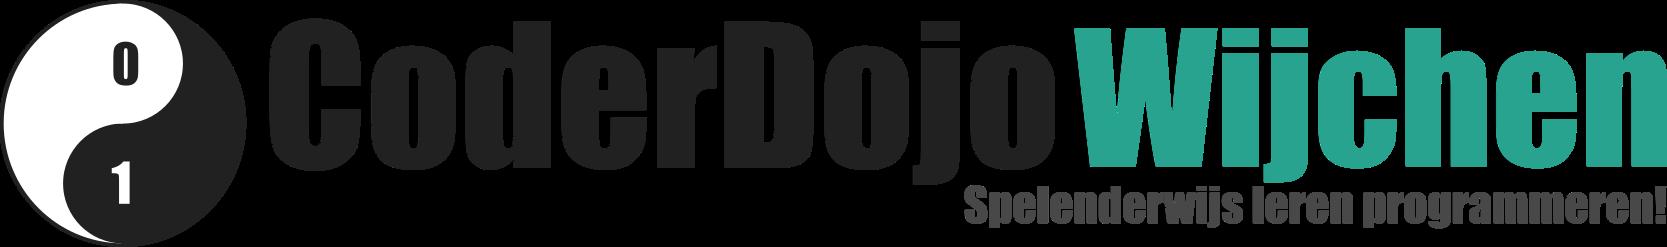 Coderdojo-Wijchen